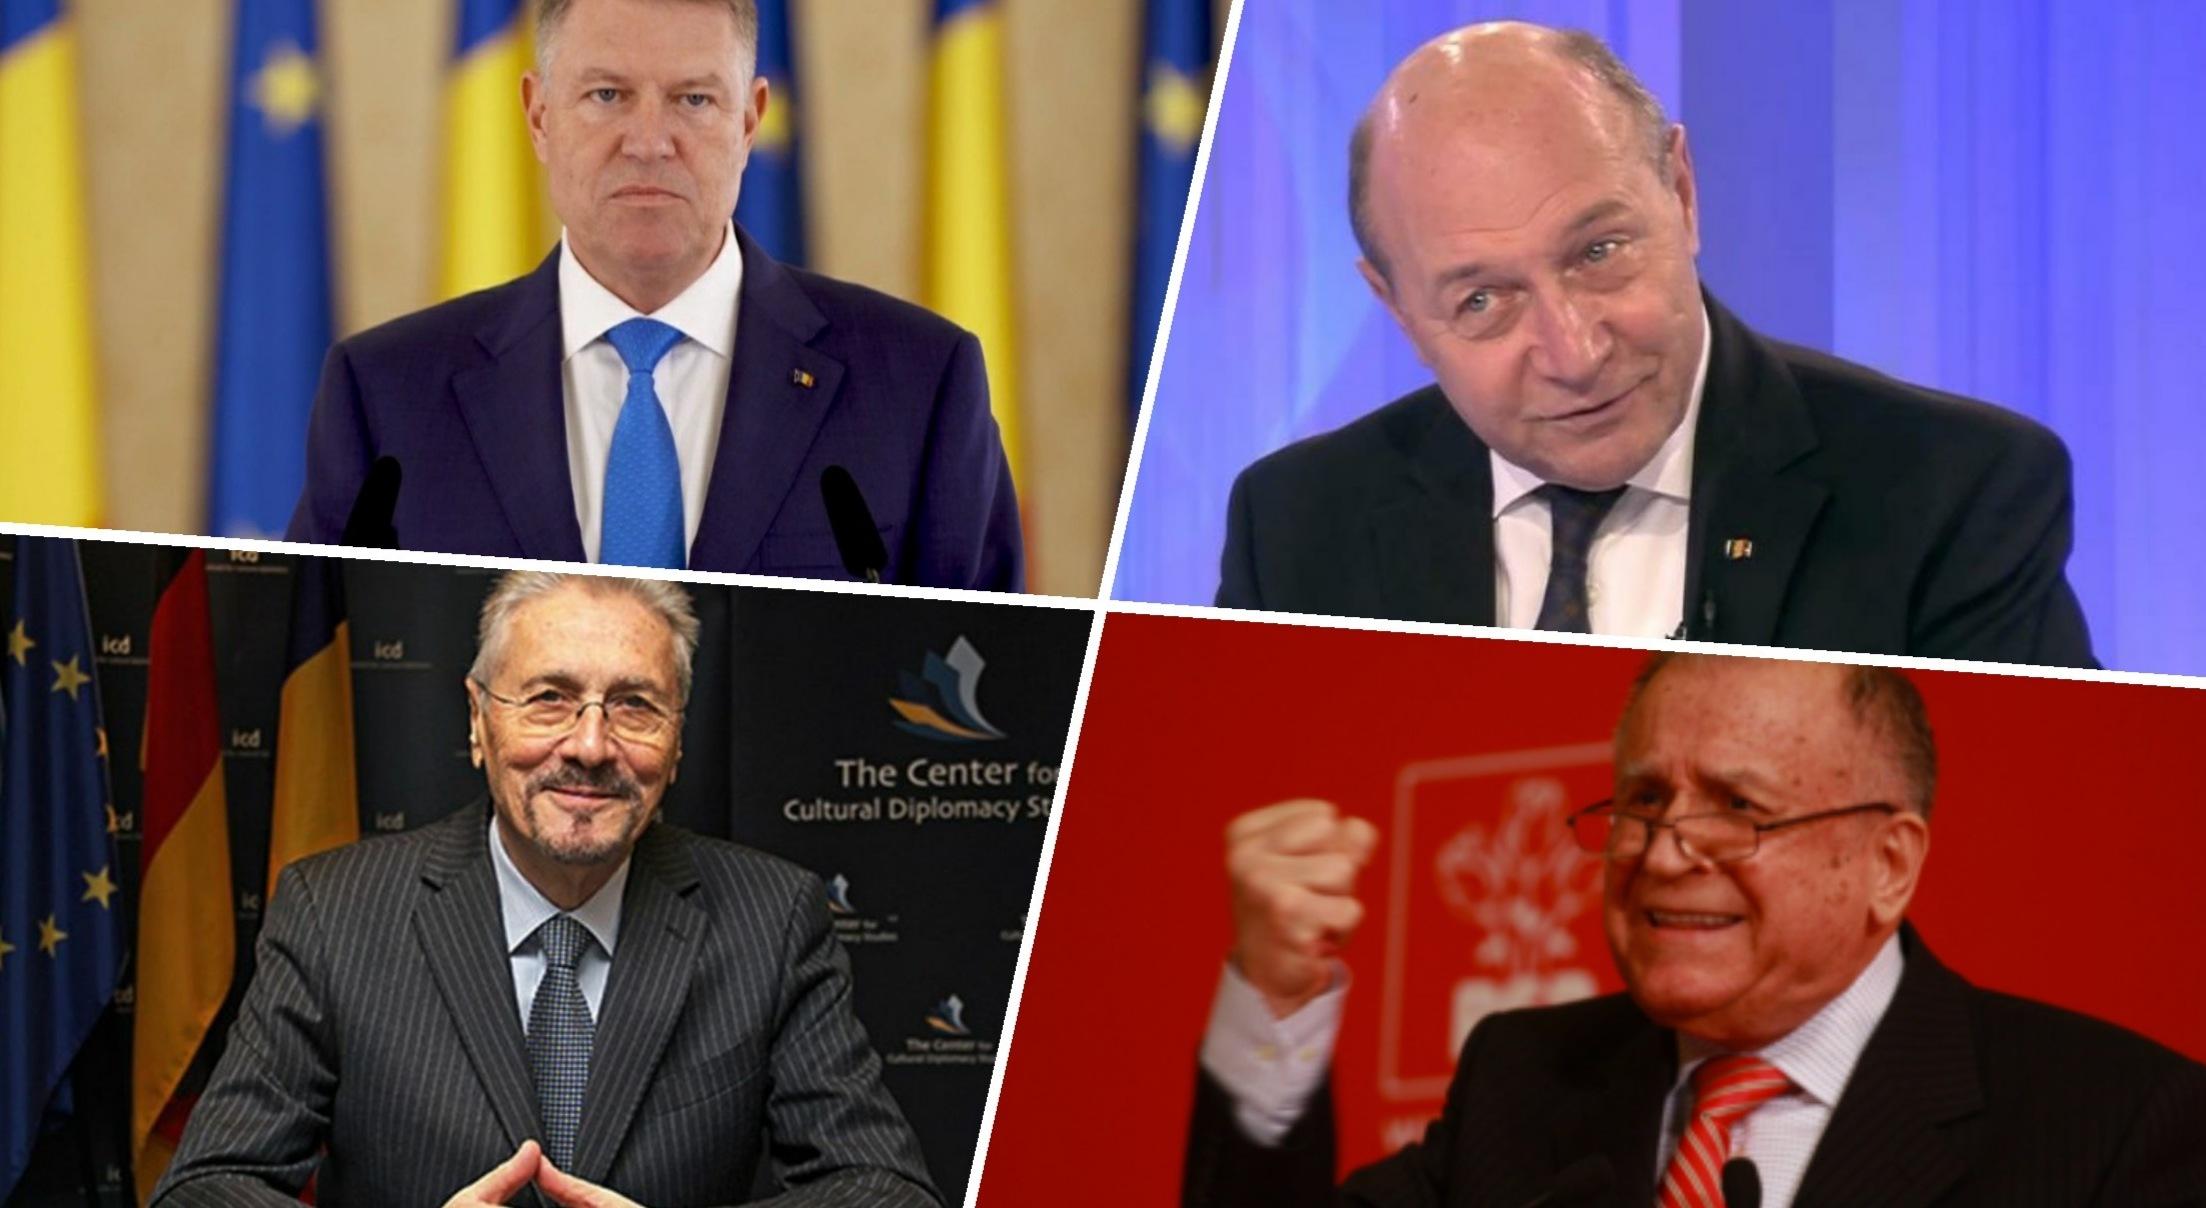 Ne plângem că ni se fură țara! România predată!